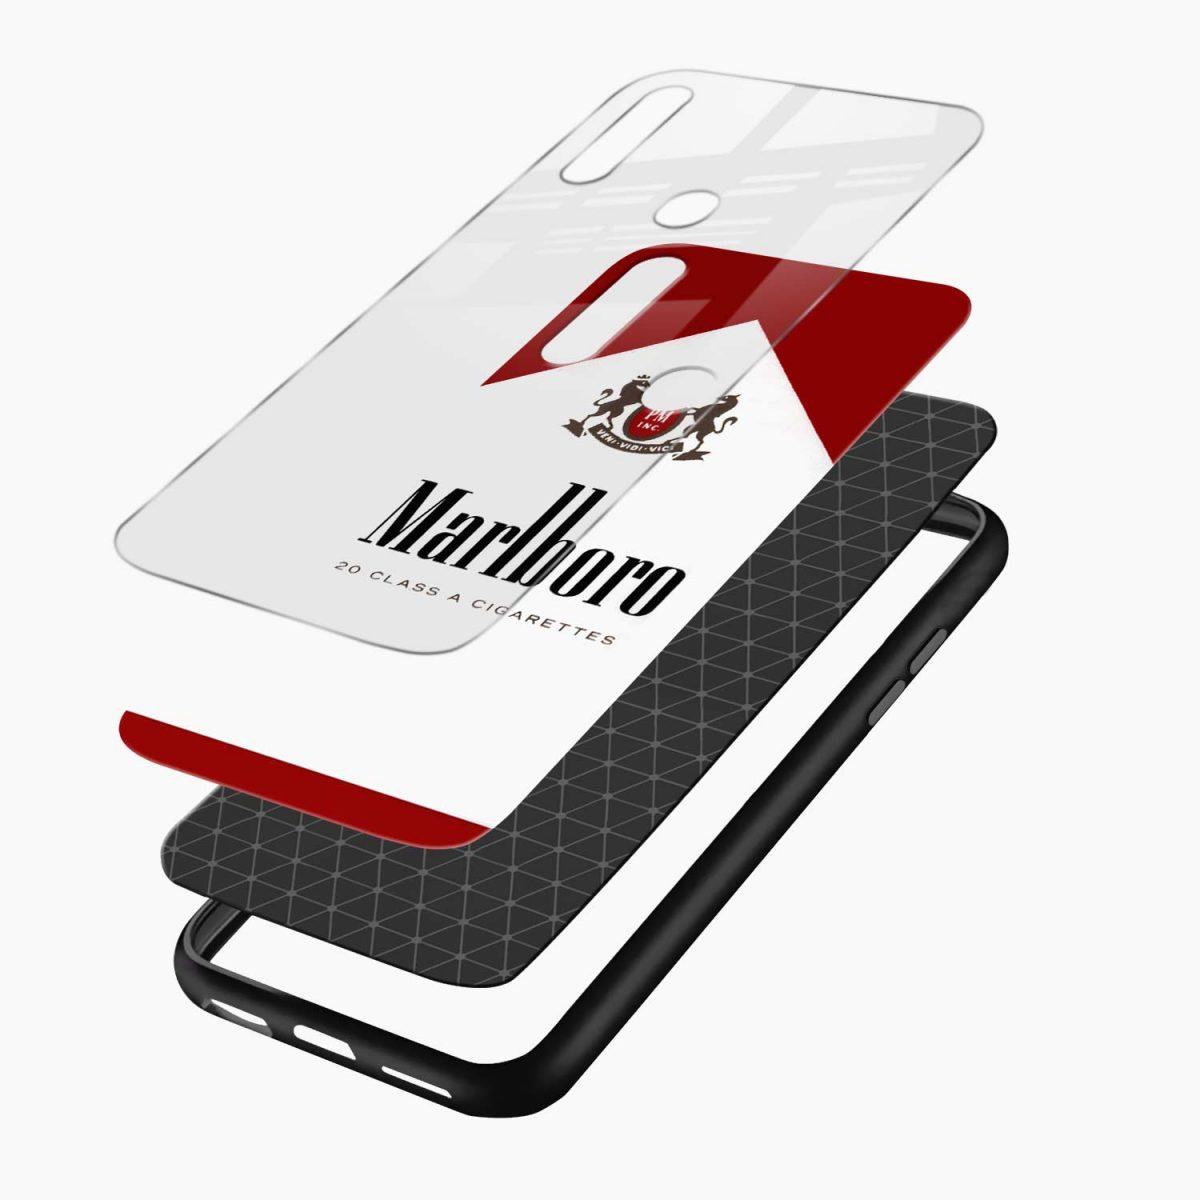 marlboro cigarette box layers view oppo a31 back cover